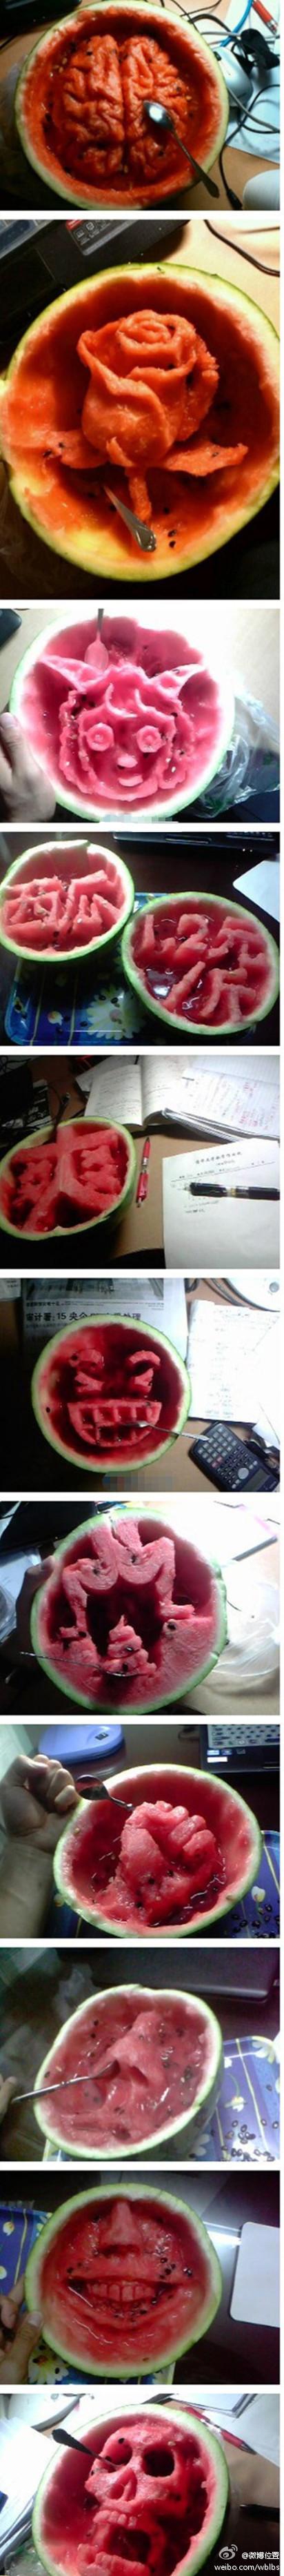 중국 청화대학생의 수박예술...